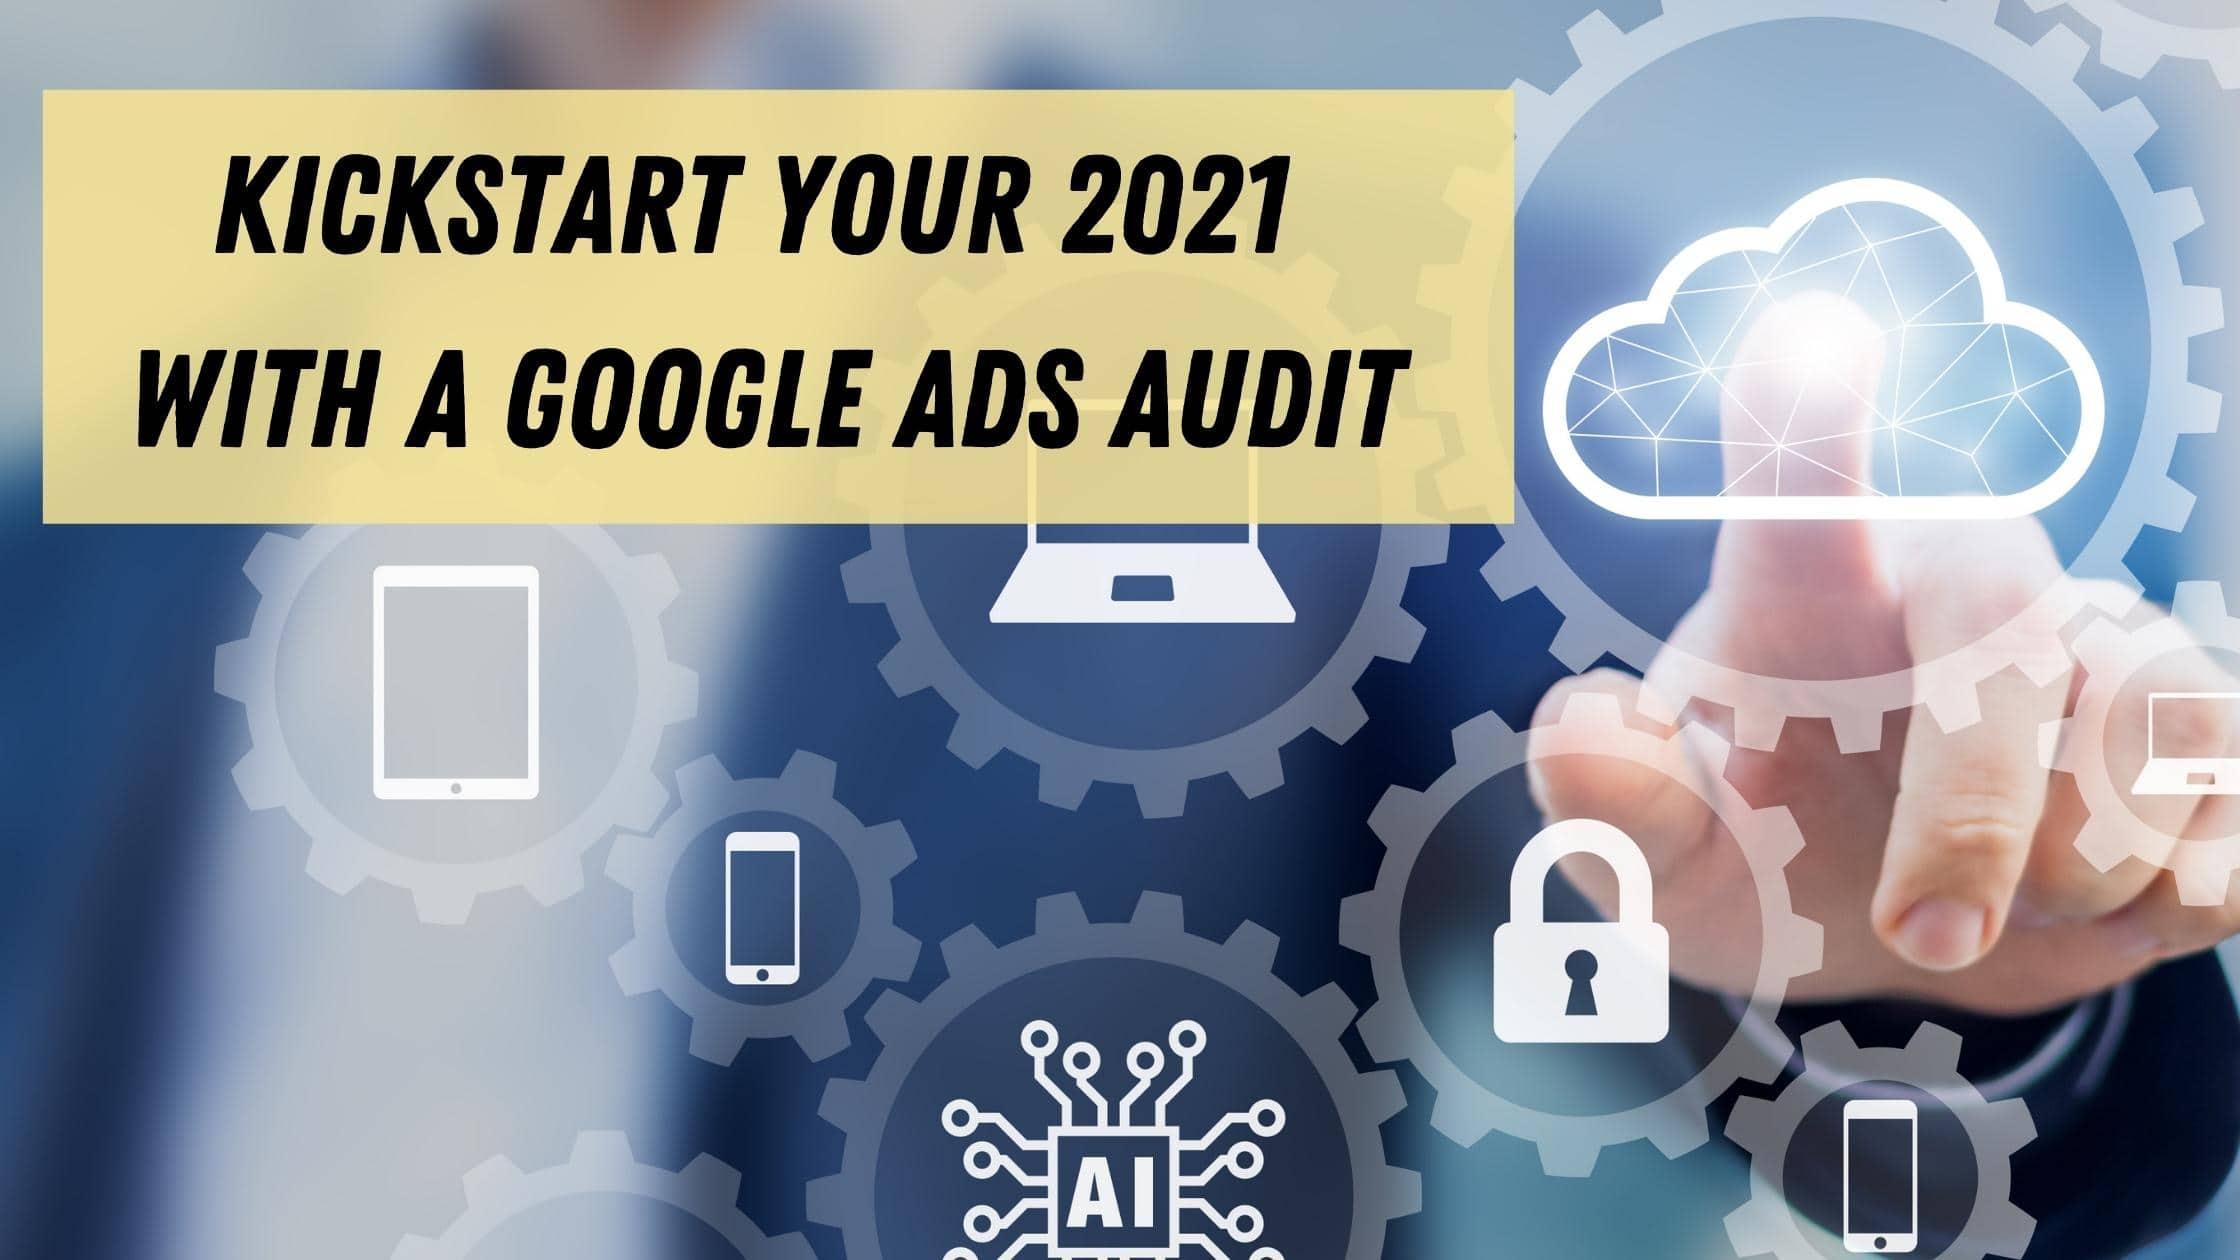 Kickstart Your 2021 with a Google Ads Audit